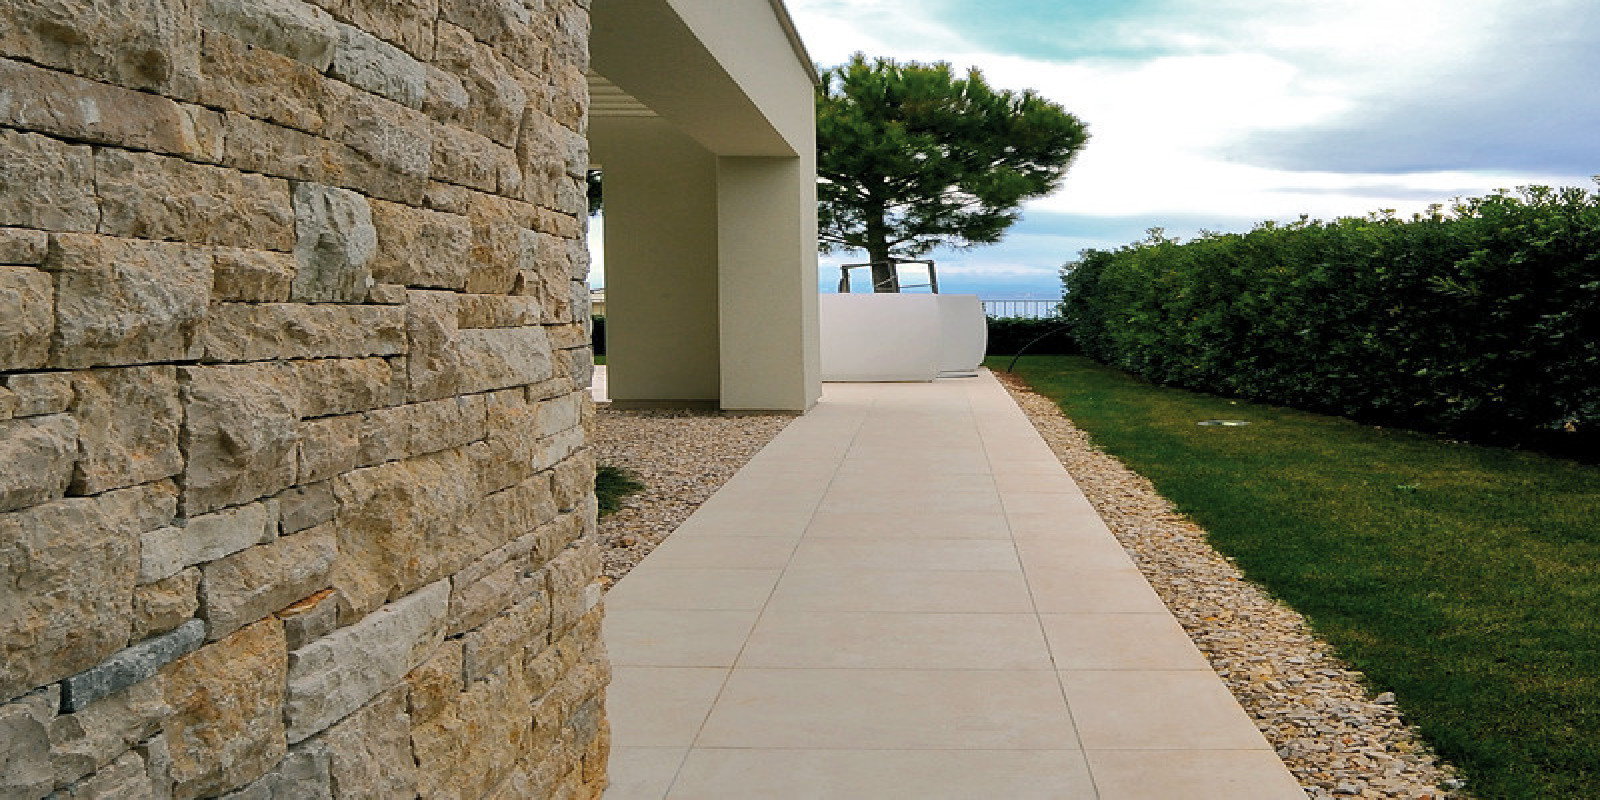 Pavimenti per esterni piastrelle sottili posa su pavimenti - Piastrelle da incollare su pavimento esistente ...